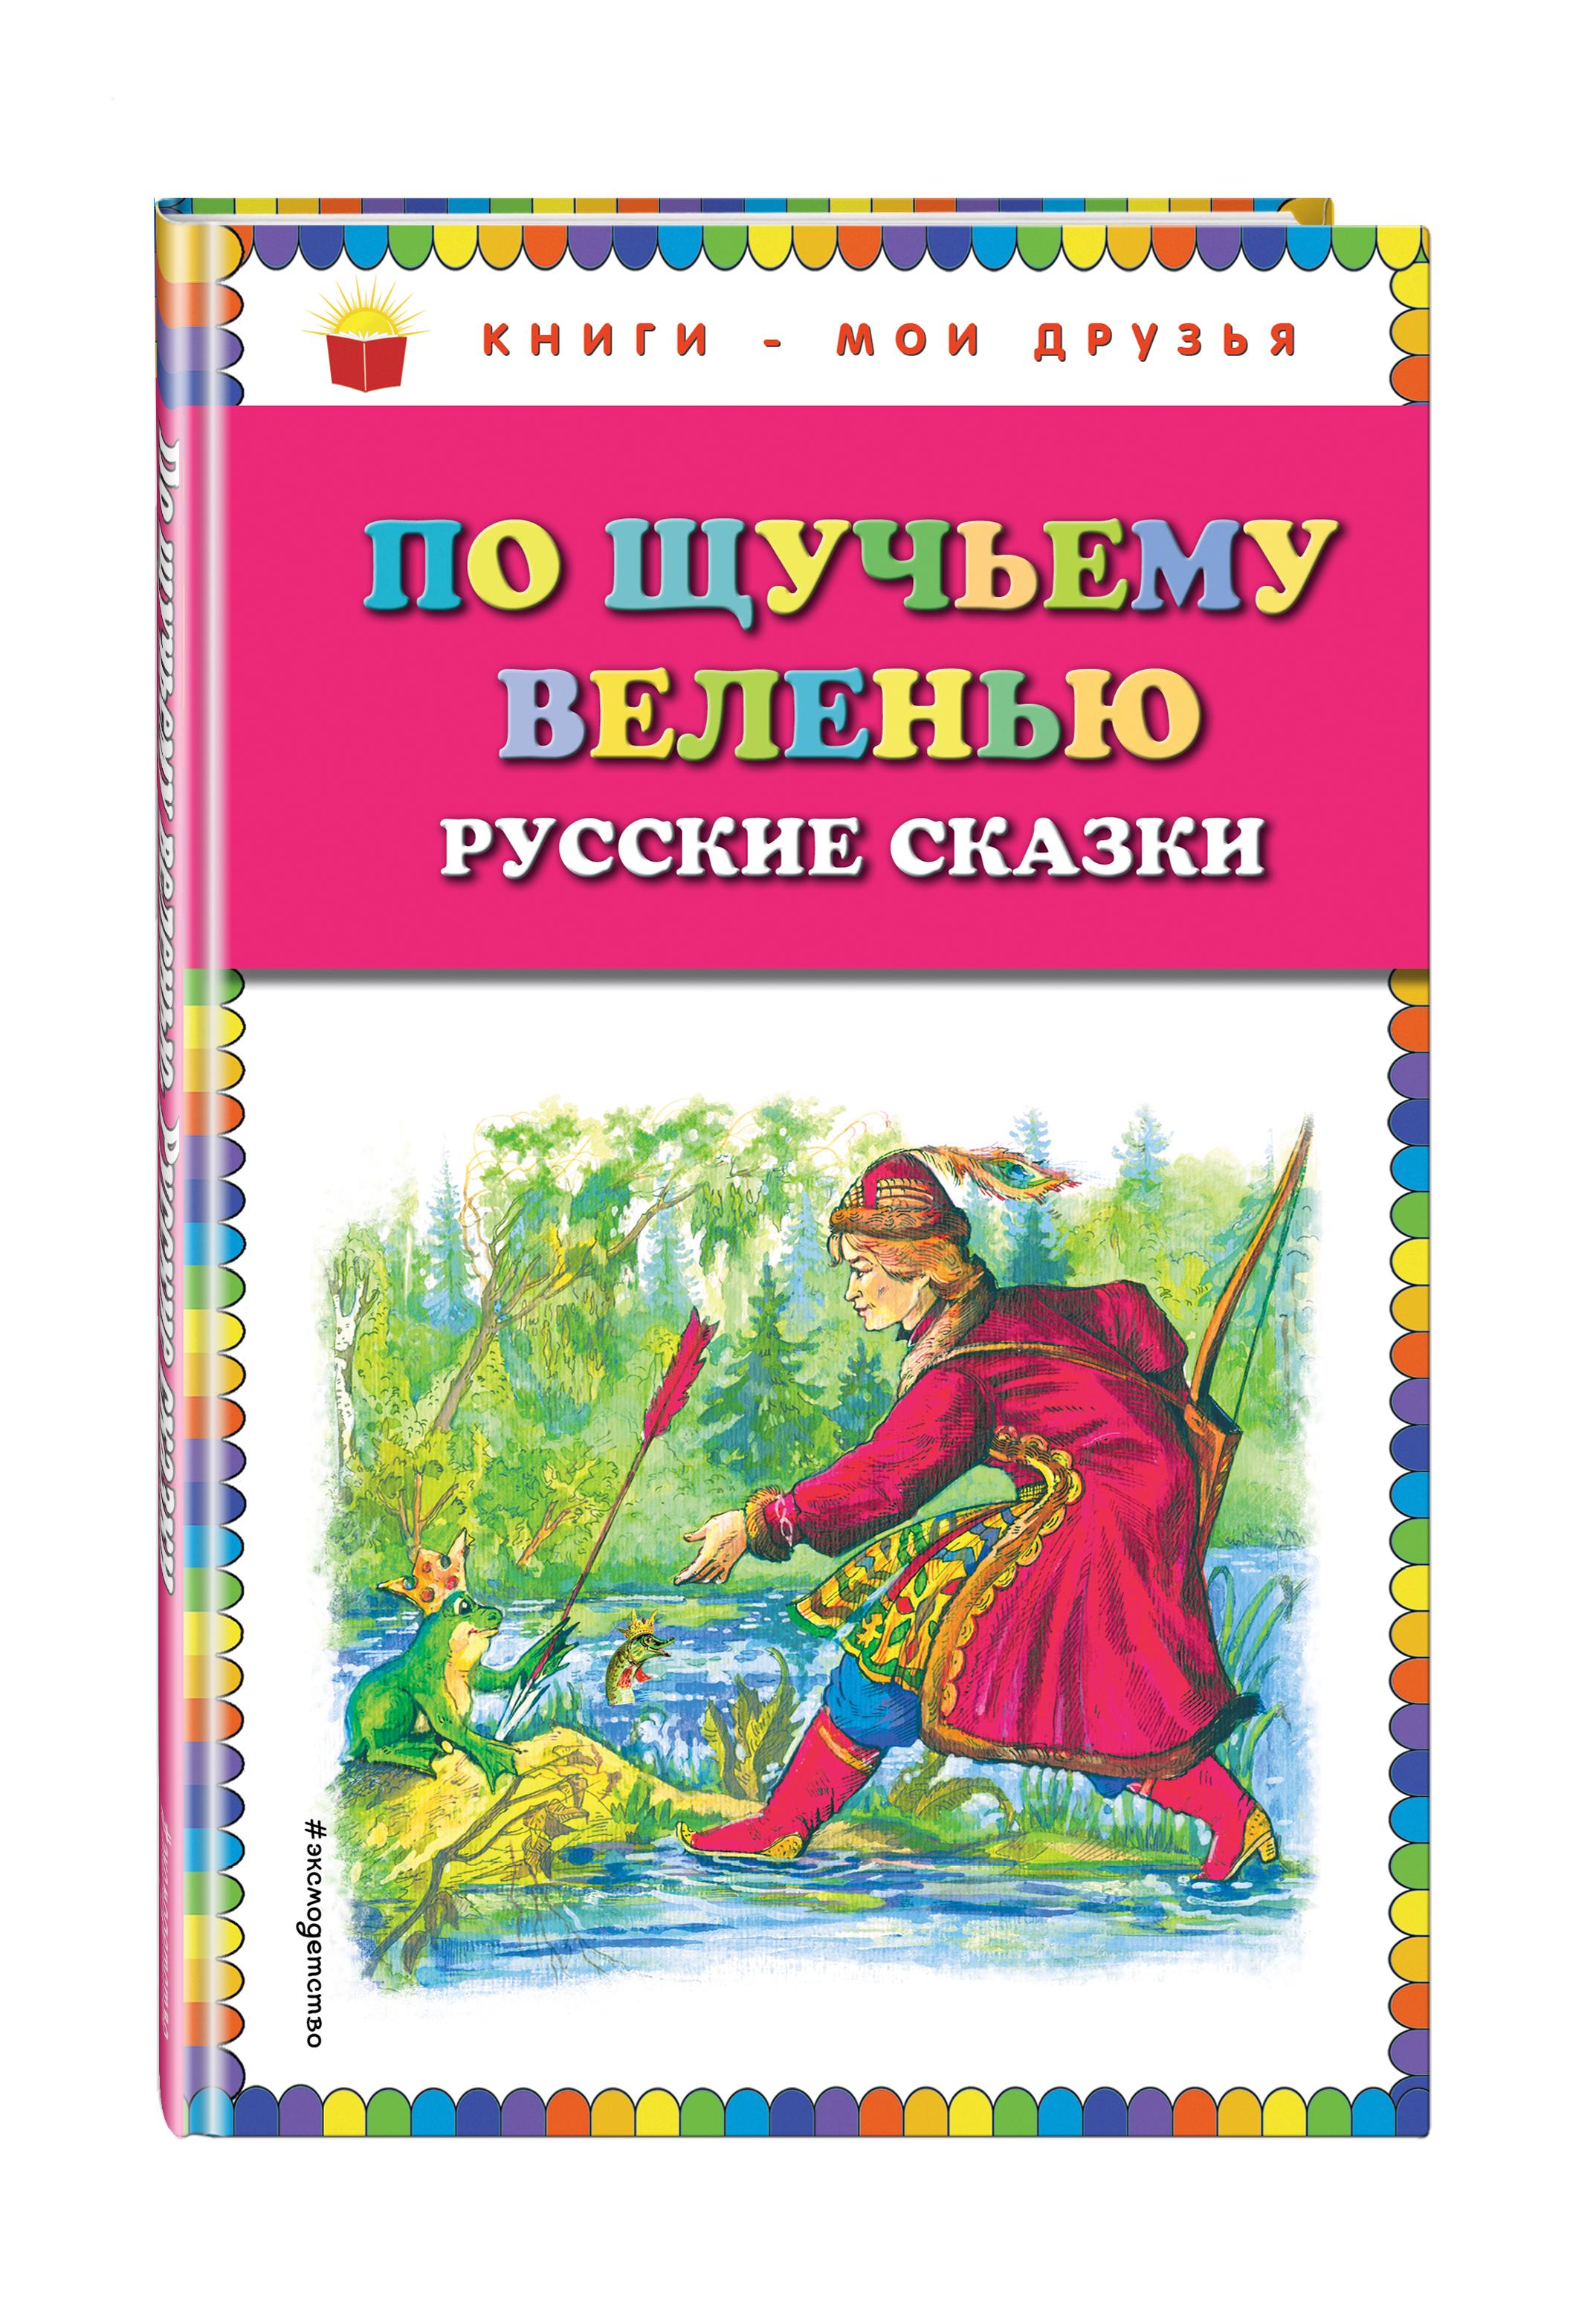 цены По щучьему веленью: Русские сказки (ил. А. Кардашука) ISBN: 978-5-699-72838-1